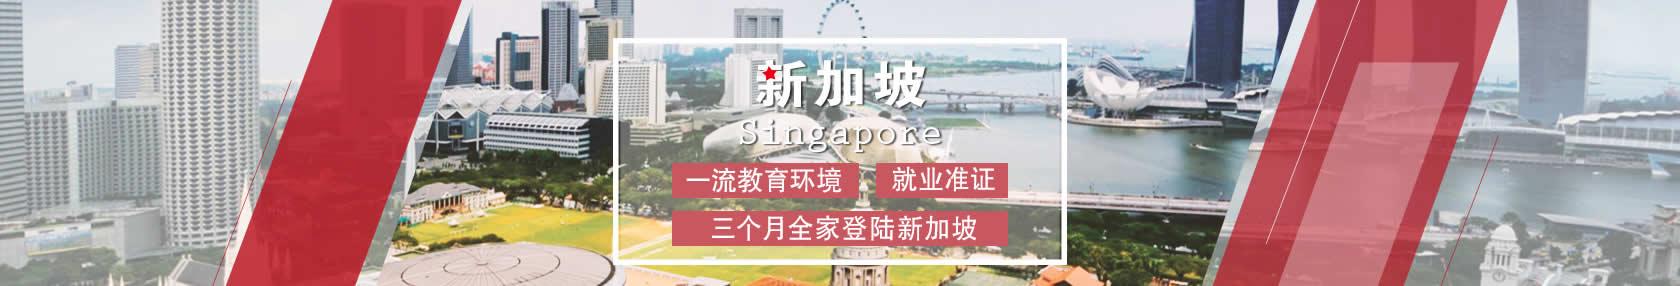 【环球移民】新加坡创业移民,三个月全家登陆新加坡